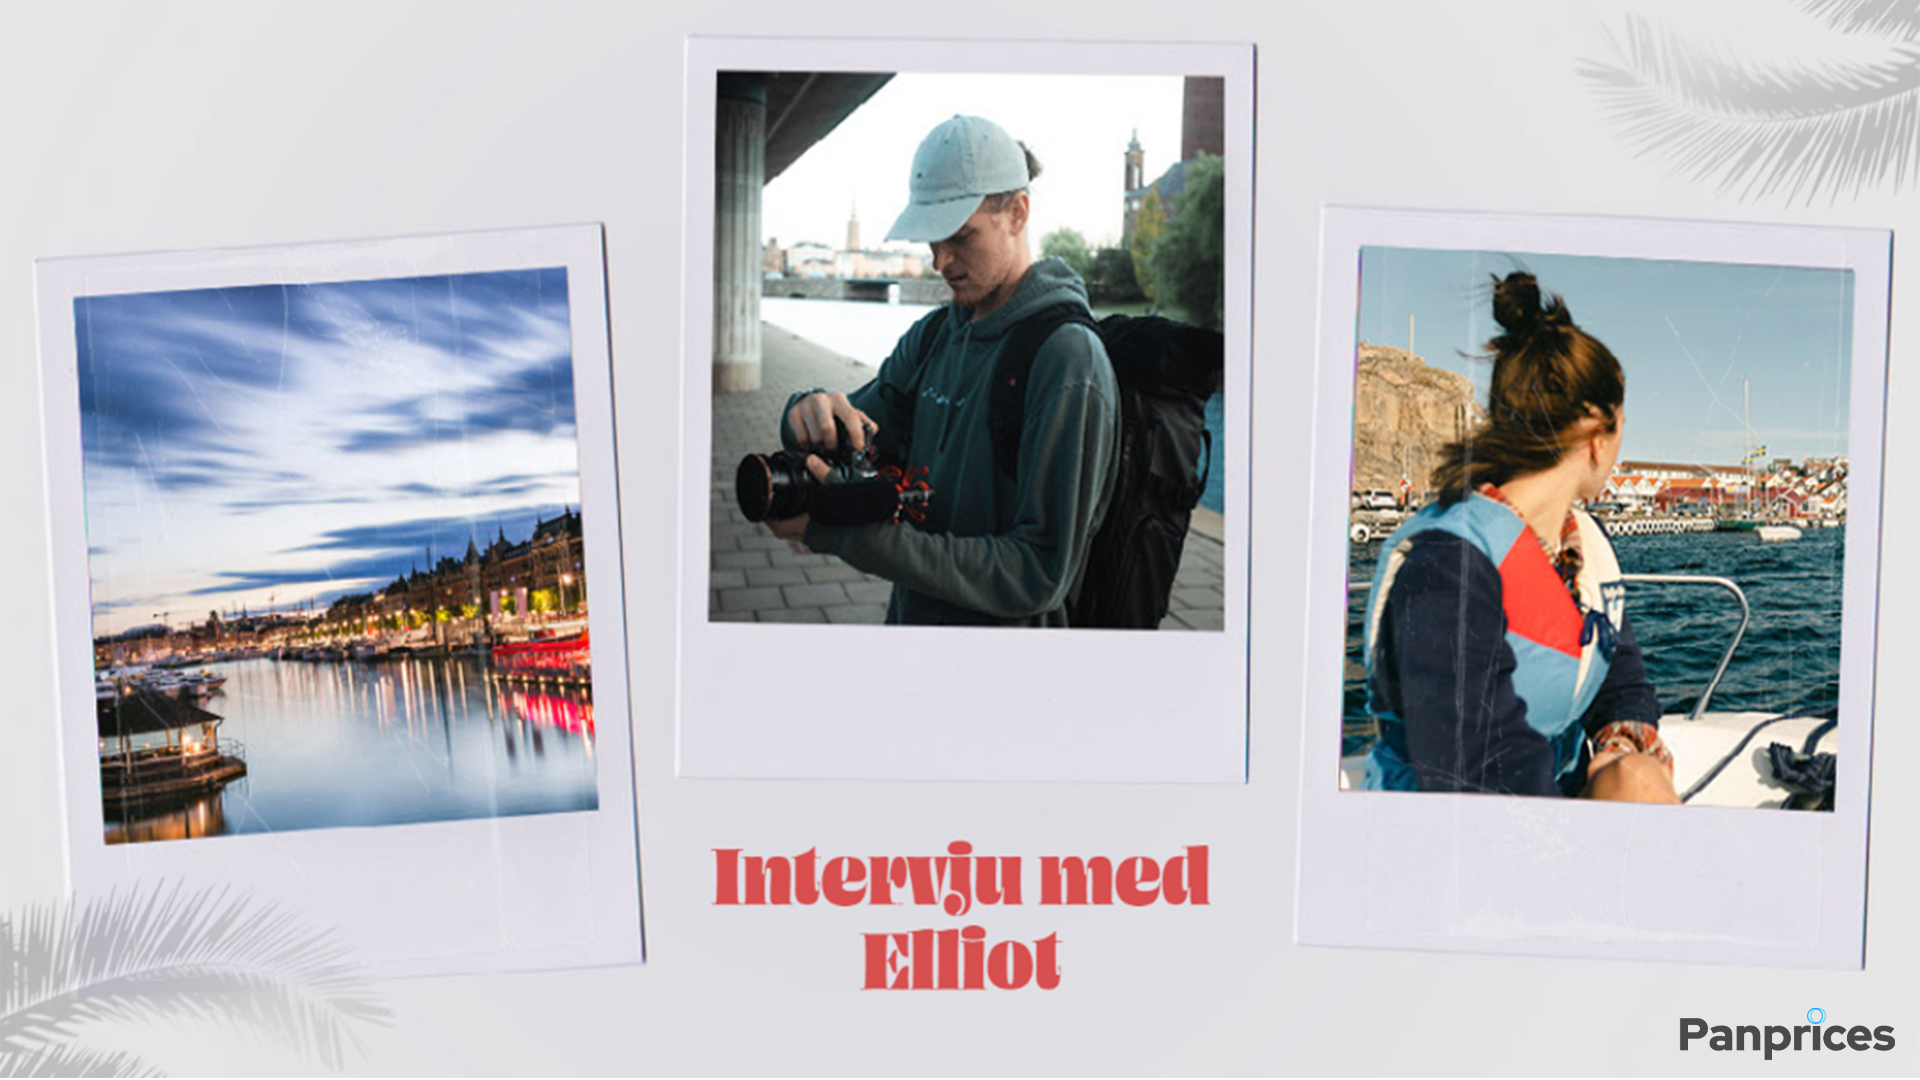 Från fritidsintresse till frilansprojekt - En intervju med Elliot